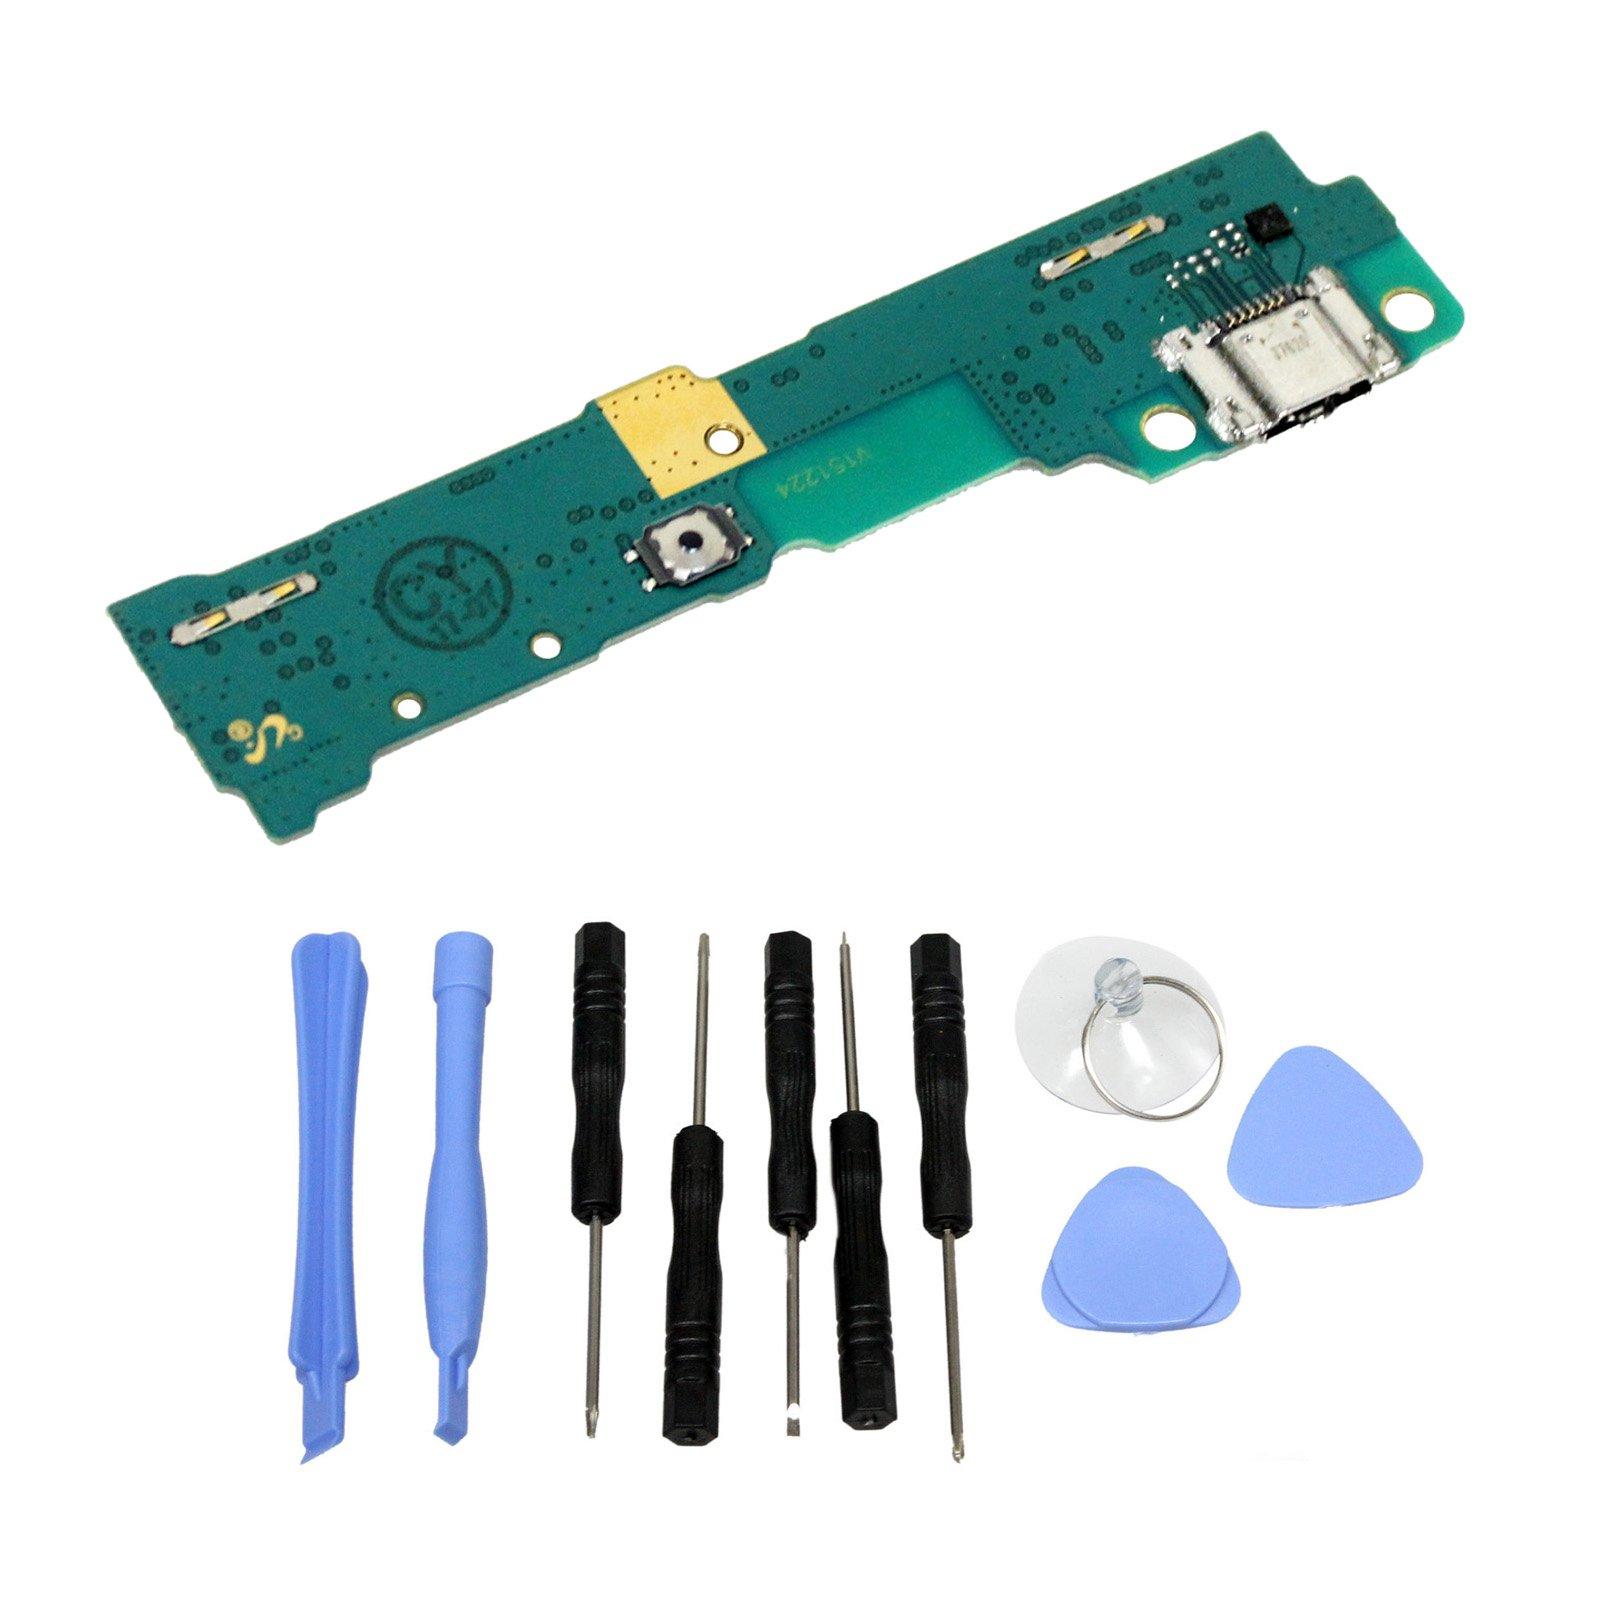 GinTai USB Charging Port Flex Board Replacement for Samsung Galaxy Tab S2 9.7'' SM-T810 SM-T815 SM-T817 SM-T819 with Tools, 40 PCS